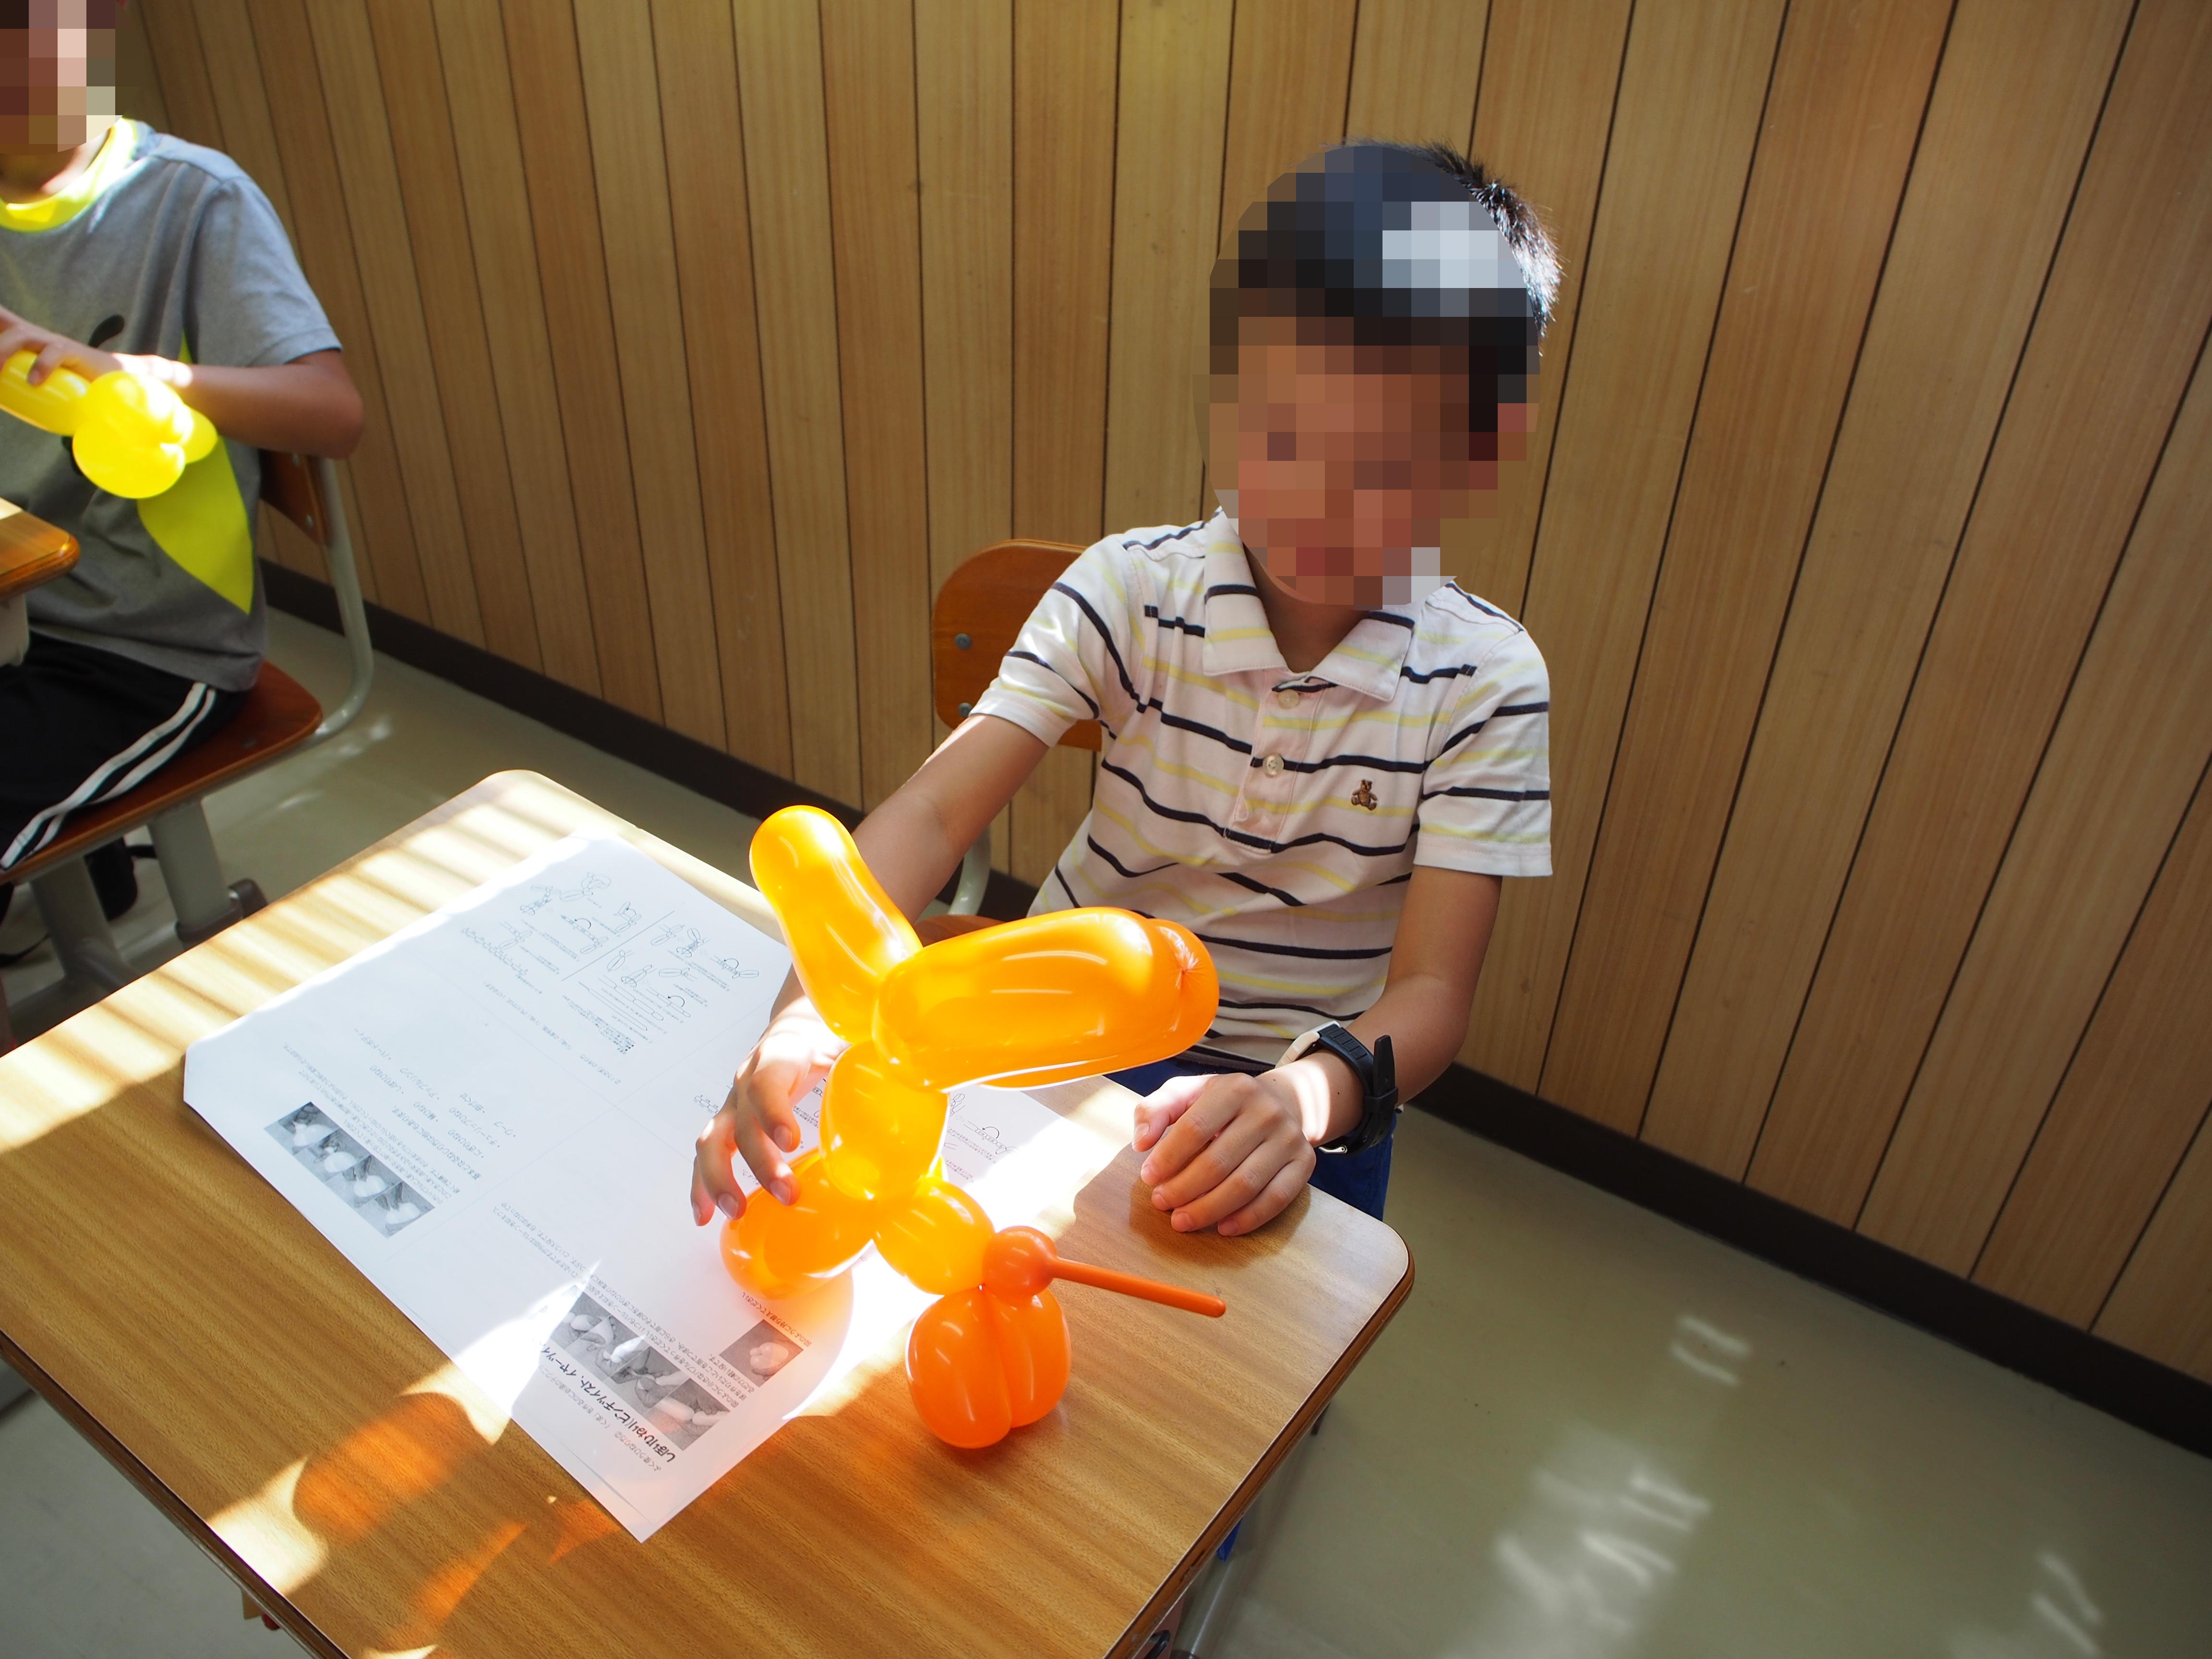 小学生理科実験教室「バルーンアートにチャレンジ!」を行いました(川越市の学習塾 トーゼミ笠幡校)